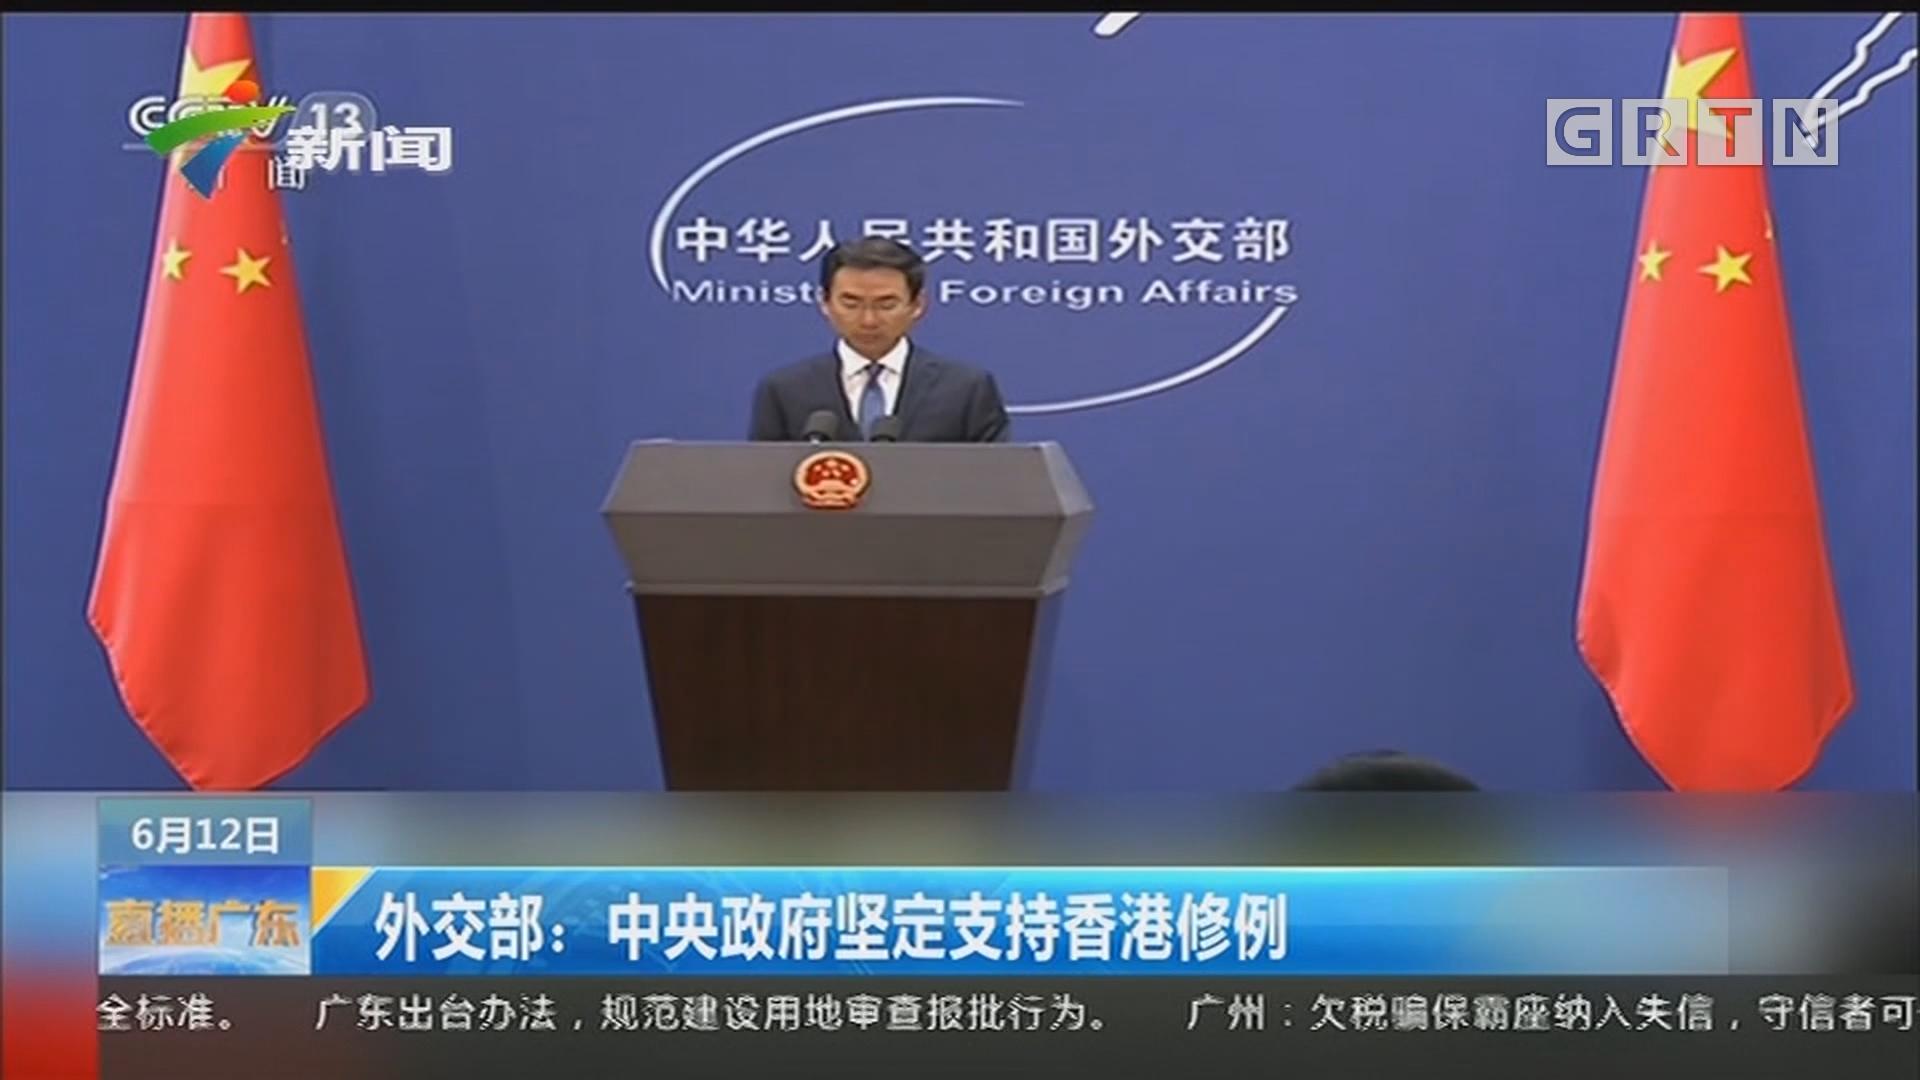 外交部:中央政府坚定支持香港修例